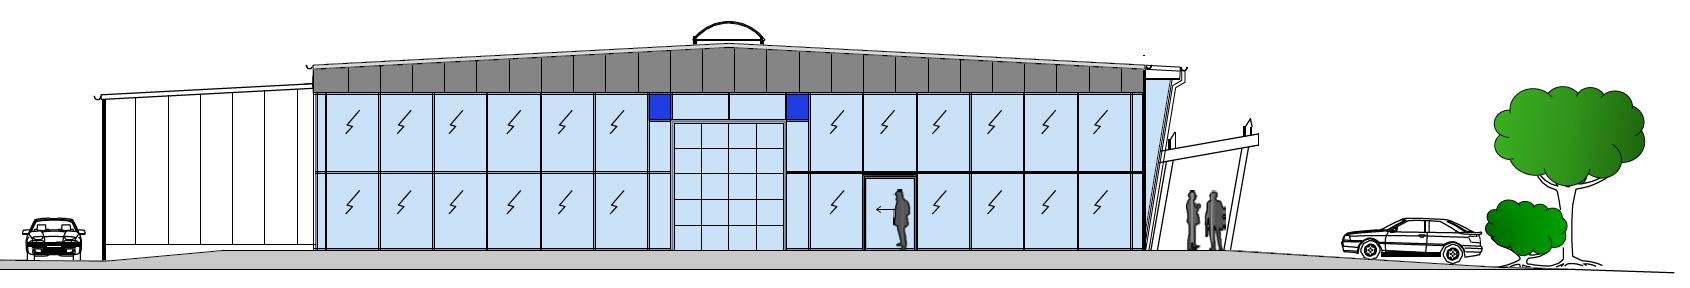 Autohaus Schüttken | Auftrag erhalten